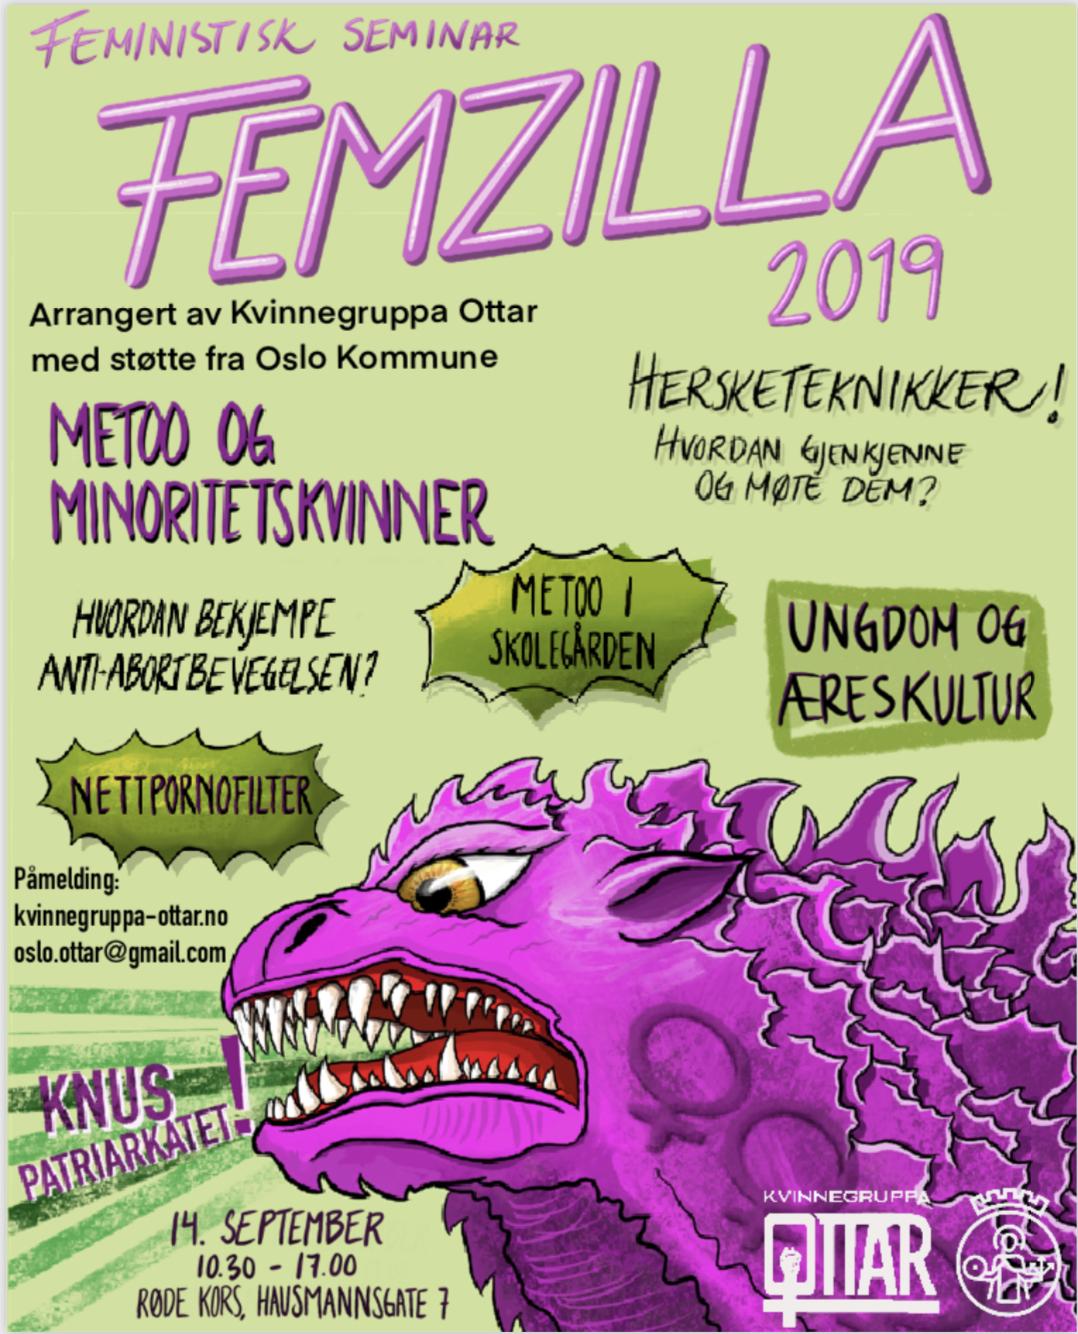 Skjermbilde 2019-09-03 09.15.33.png